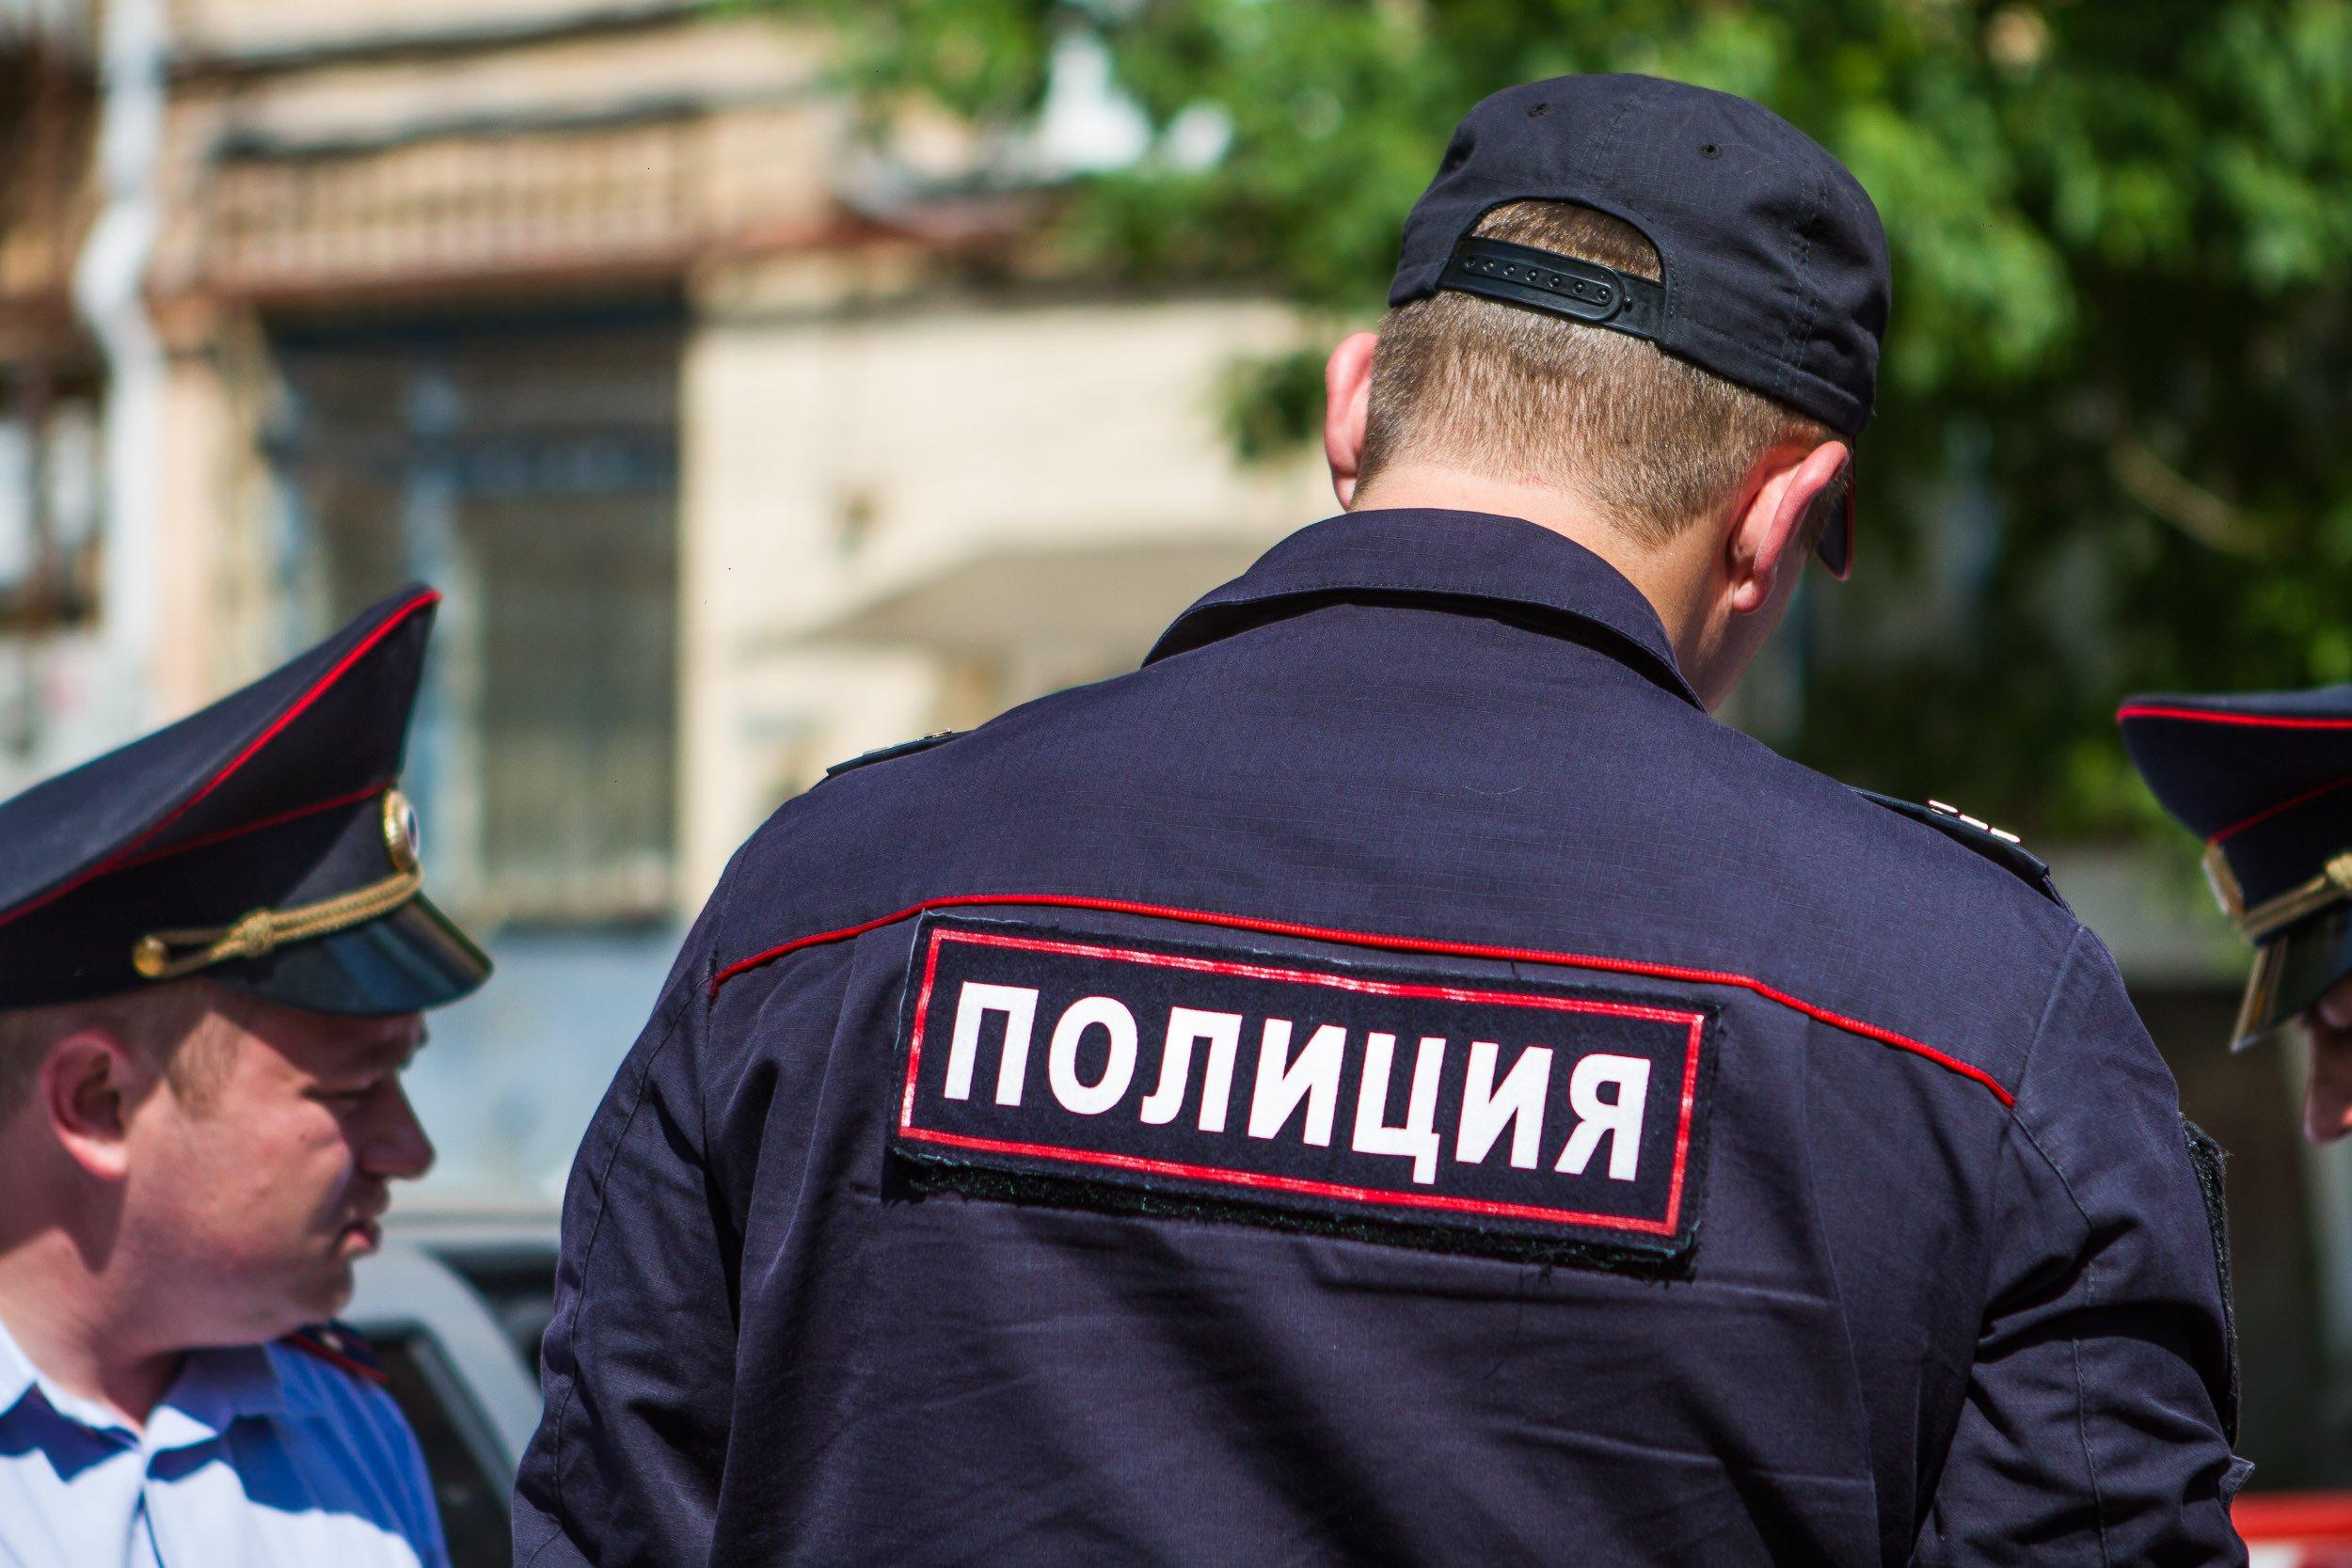 Полицейские нашли преступниц, нападавших на дома в Тверской области